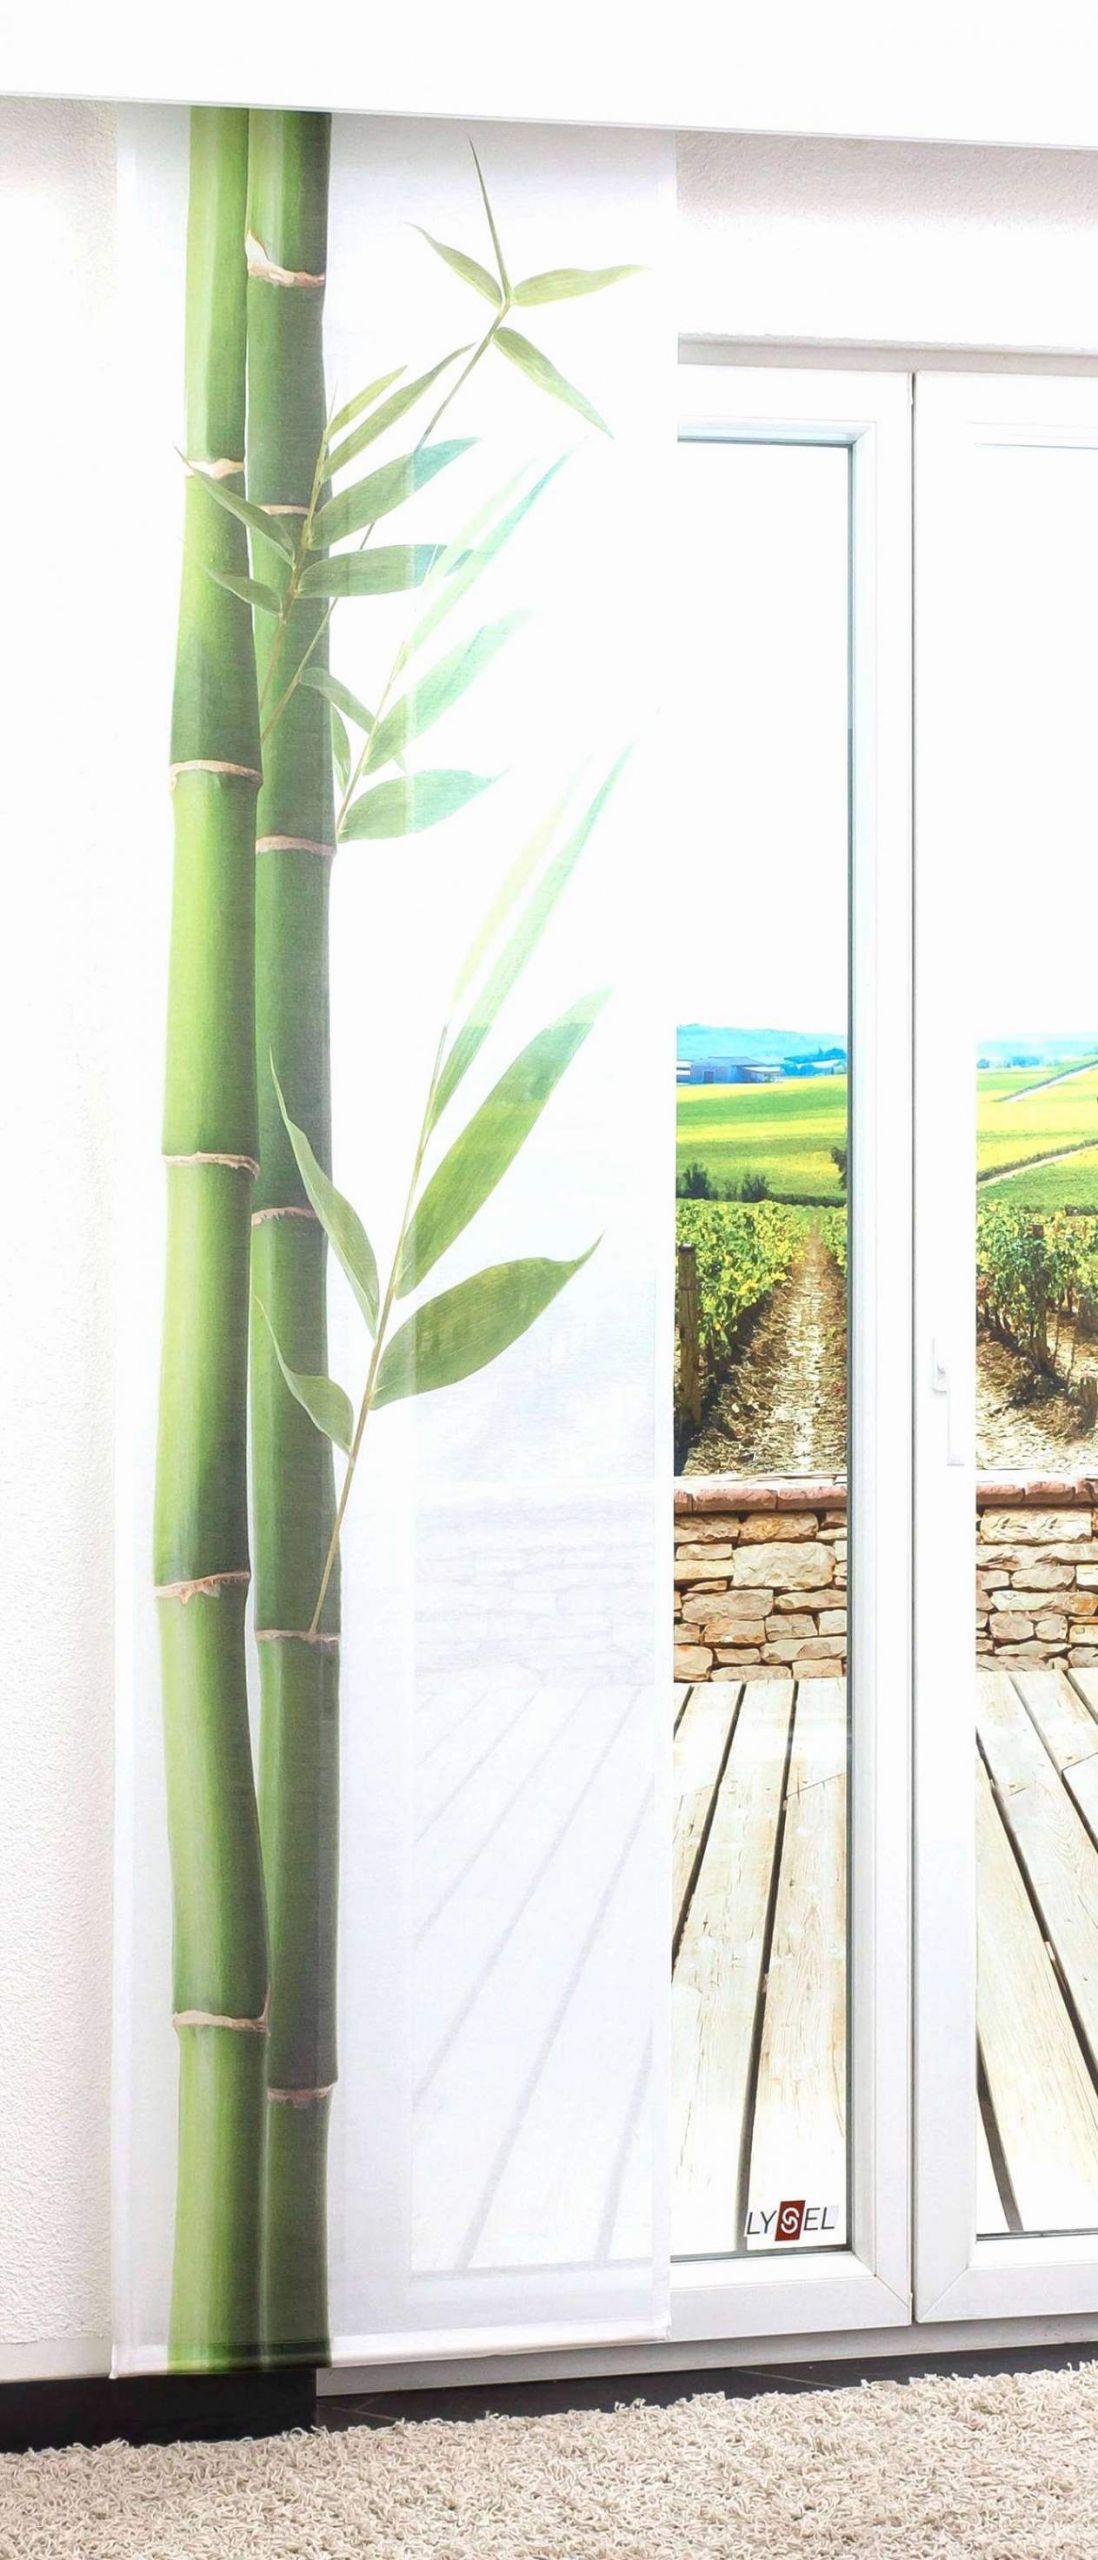 Englischer Garten Berlin Neu Wohnen Luxus Berlin — Temobardz Home Blog